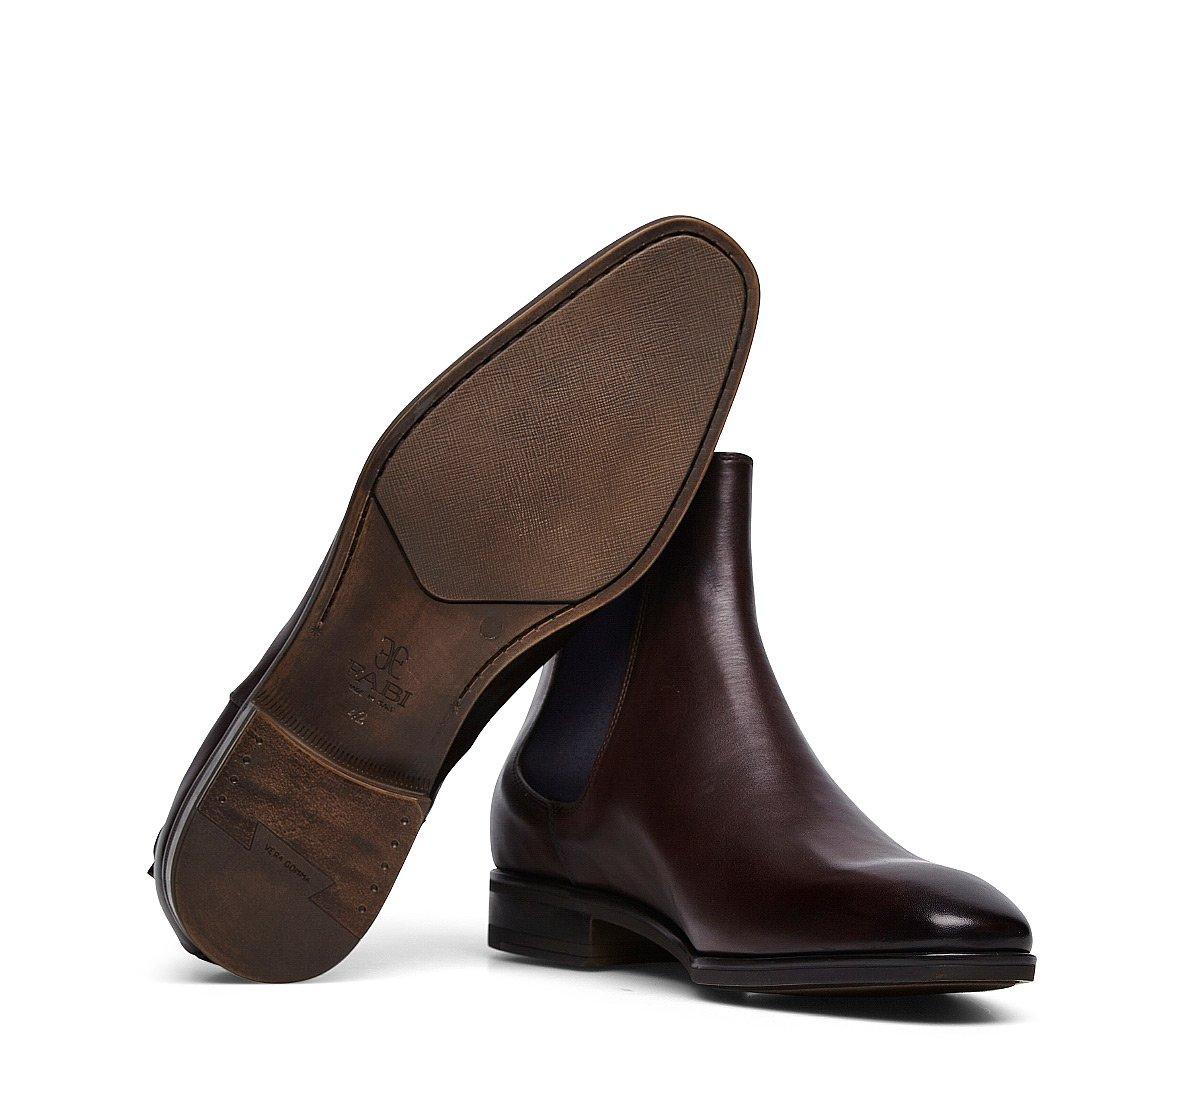 Exquisite calfskin Beatle boots